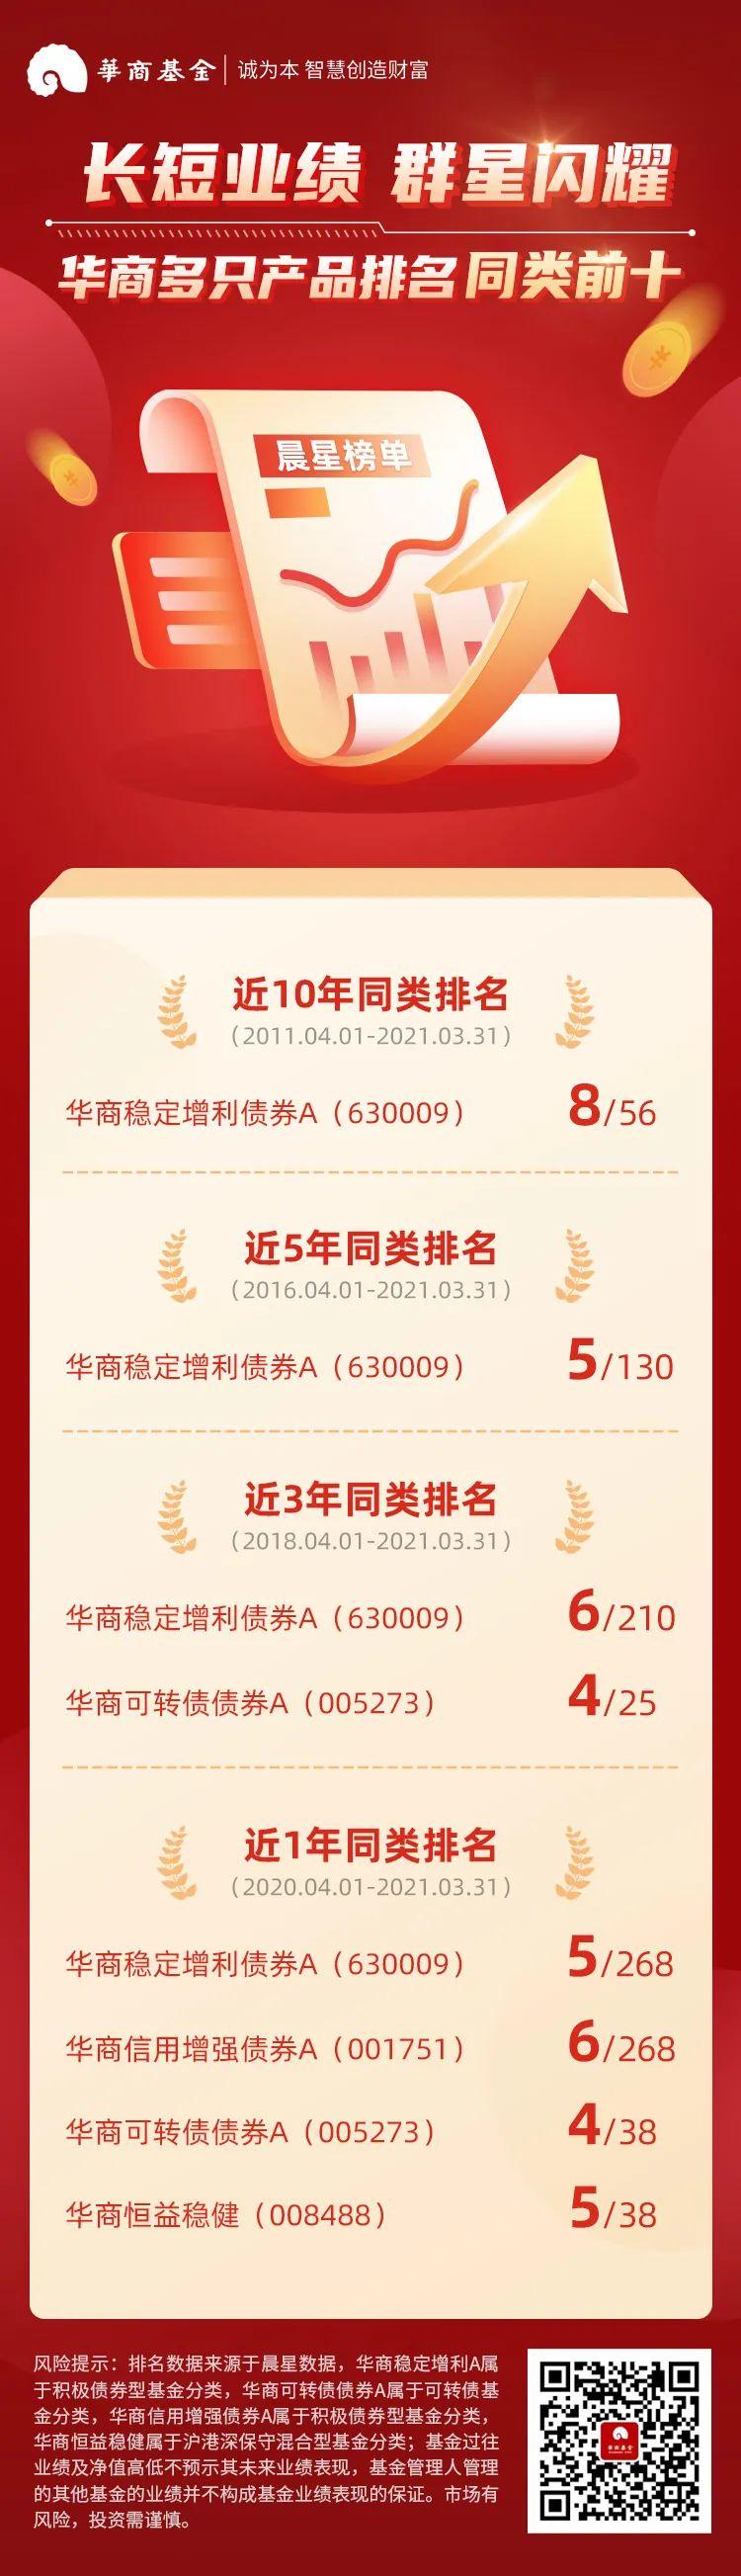 长短业绩 群星闪耀丨华商多只产品排名同类前十